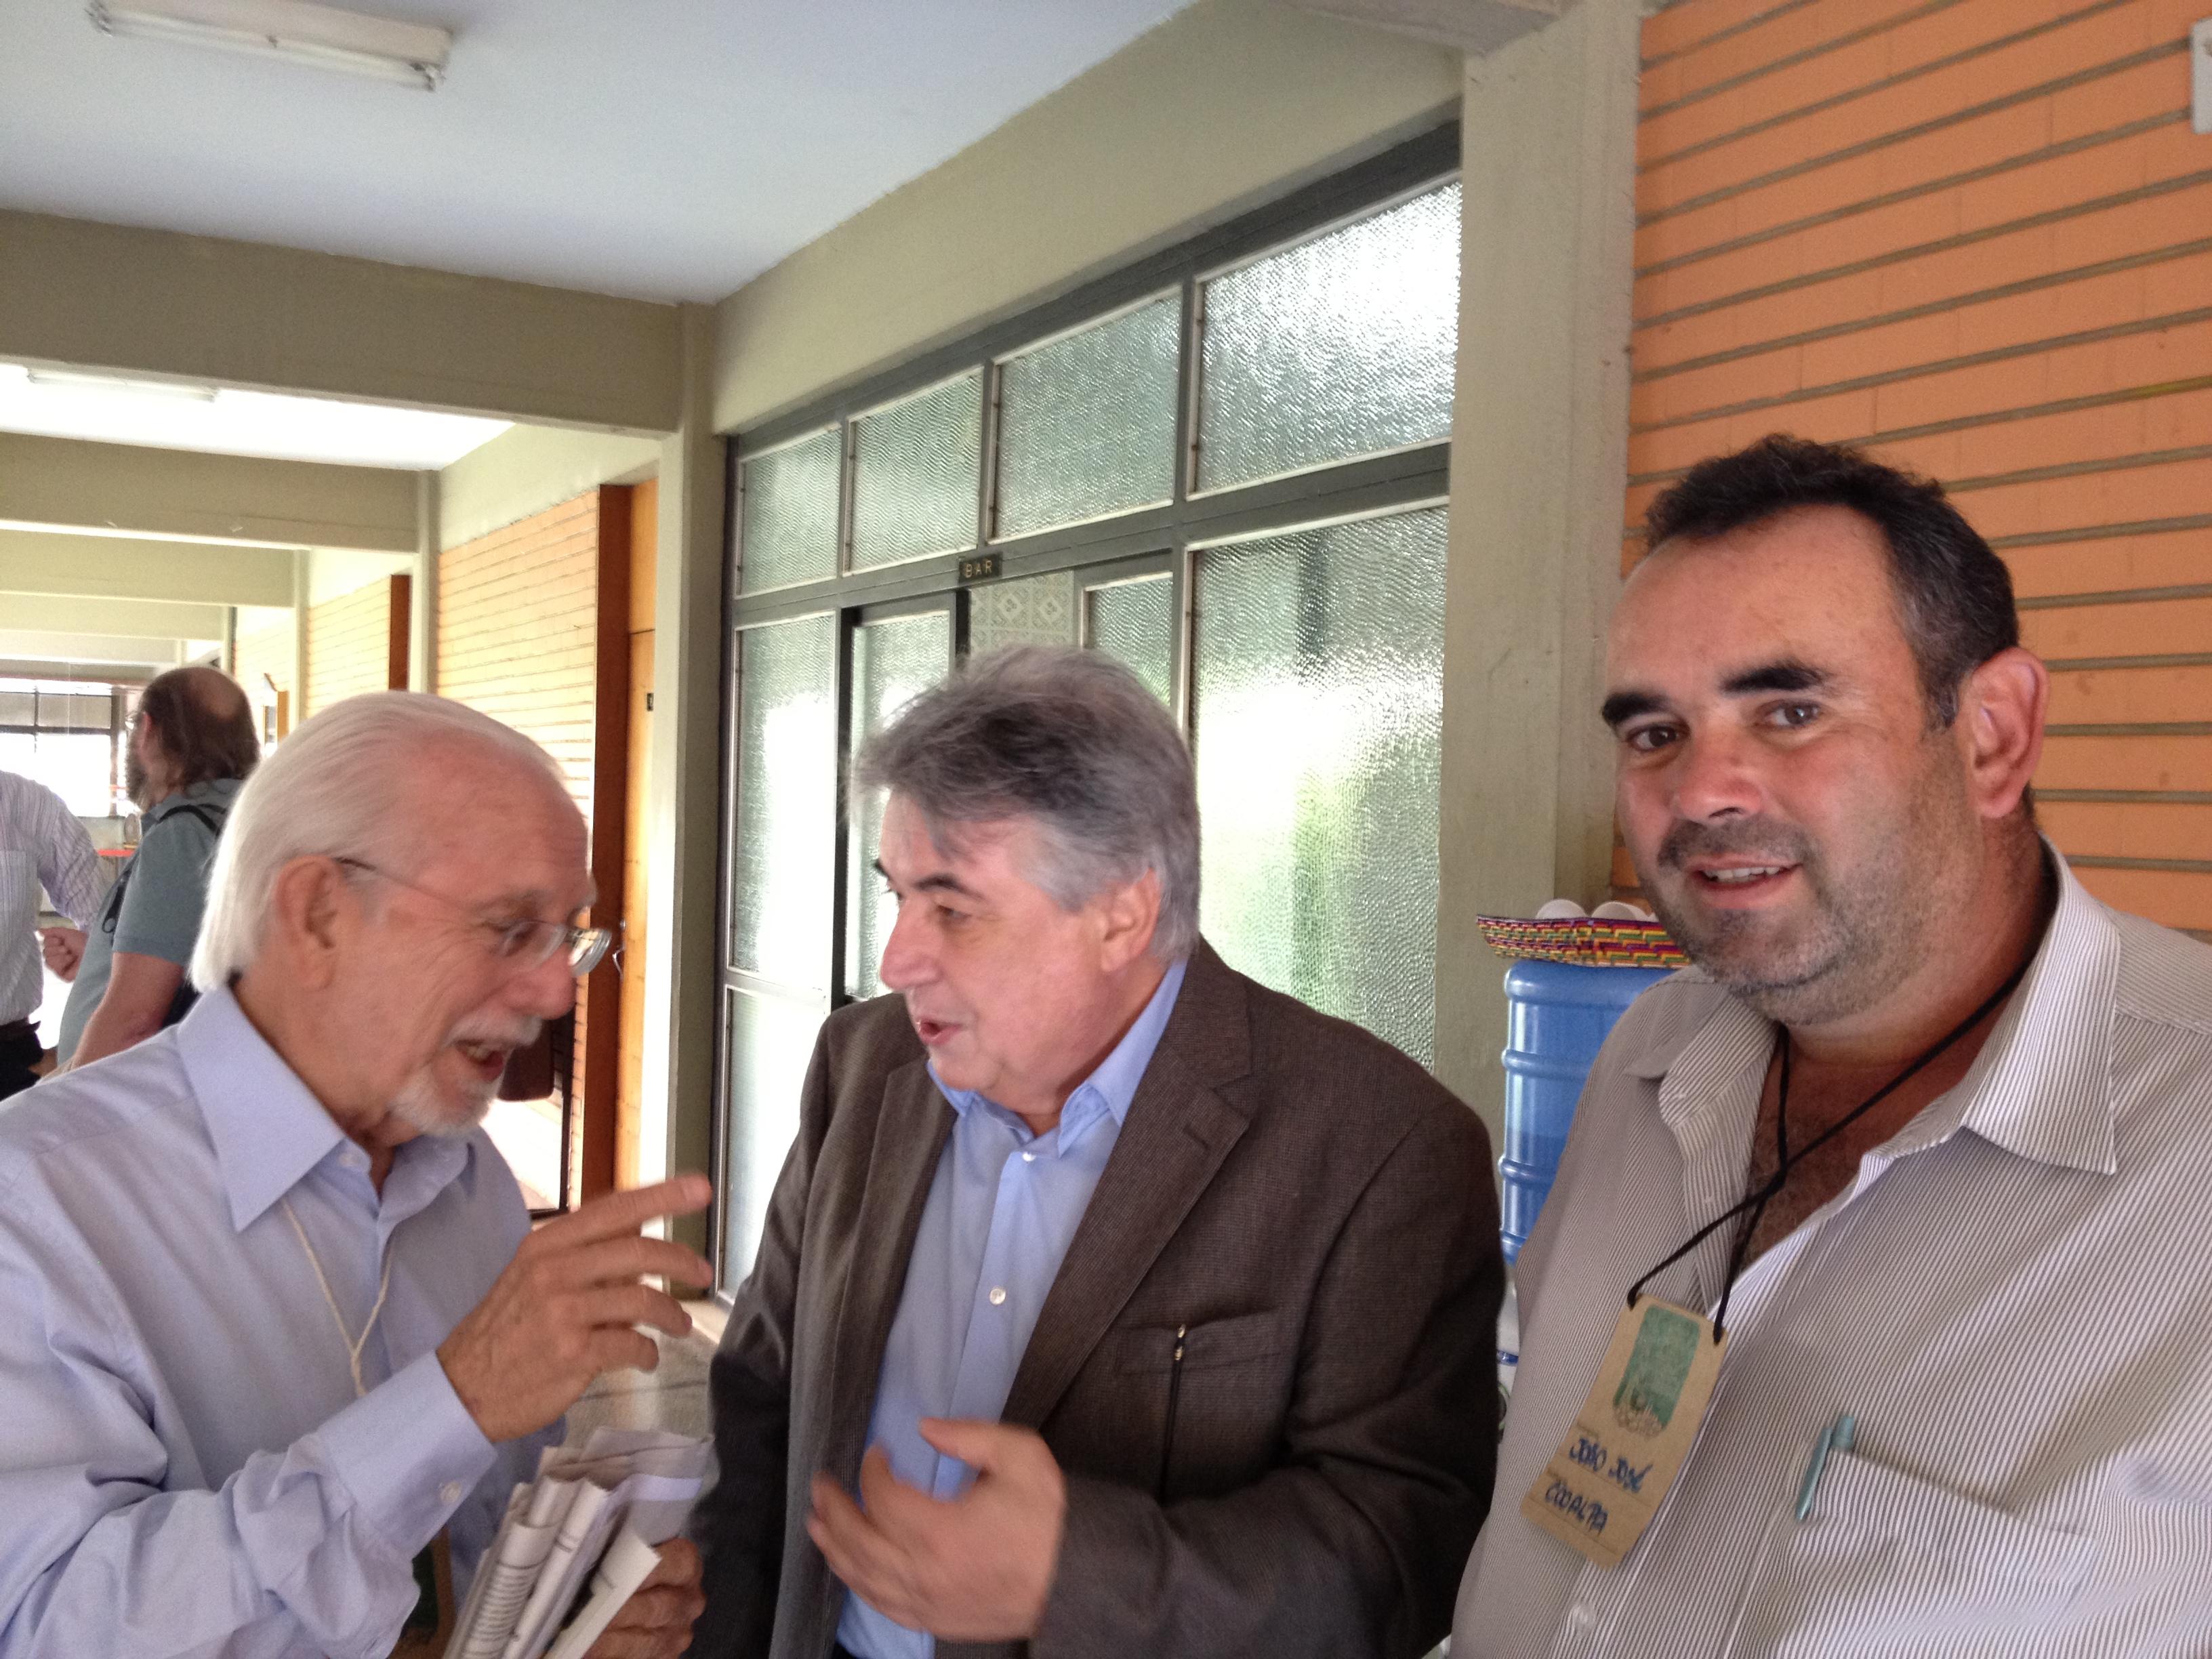 Da esquerda para direita: Aluísio Marques, da SerTãoBras, Ênio Marques, secretário Nacional de Defesa Agropecuária e João Melo, produtor do Alto Paranaíba (Foto: Li An)